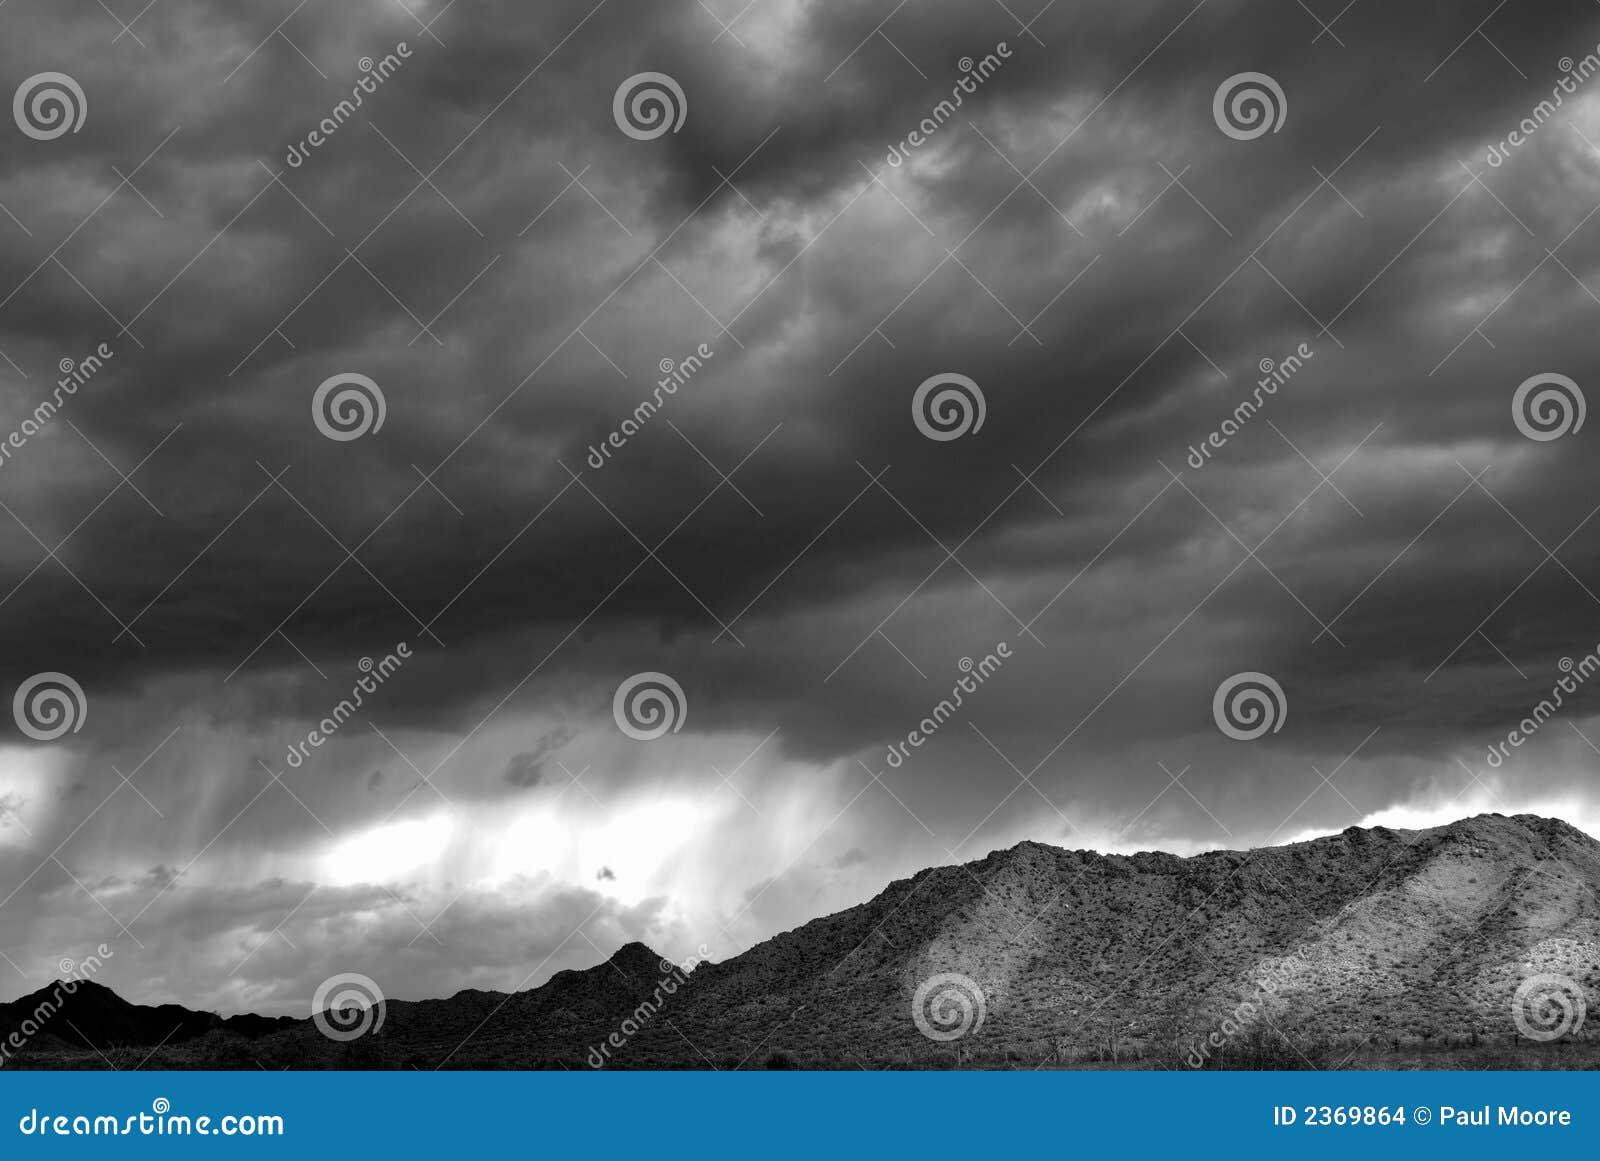 Montagne de désert